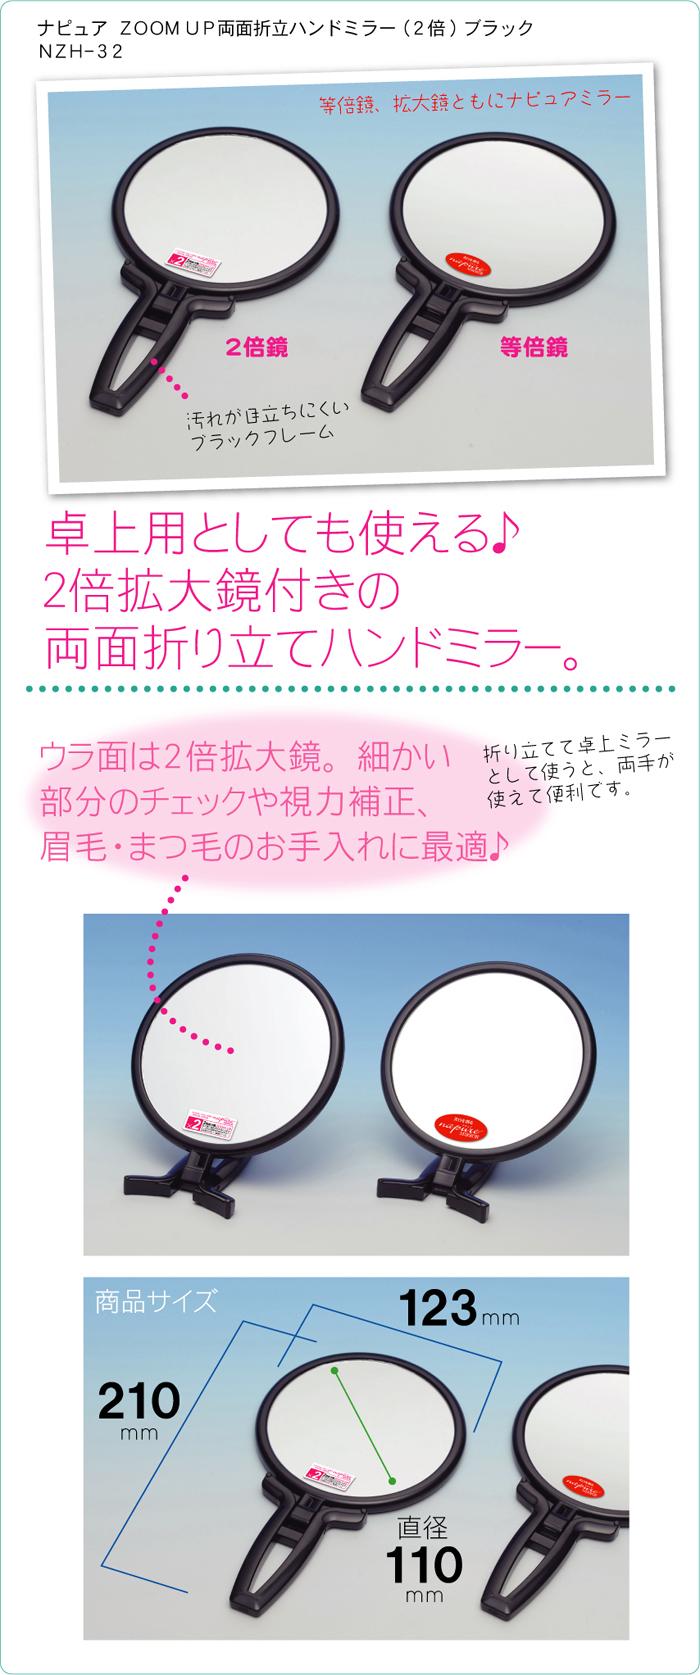 ナピュアミラーの両面ハンドミラー。2倍拡大鏡はポイントメイクや細かい所のチェックにとても便利。